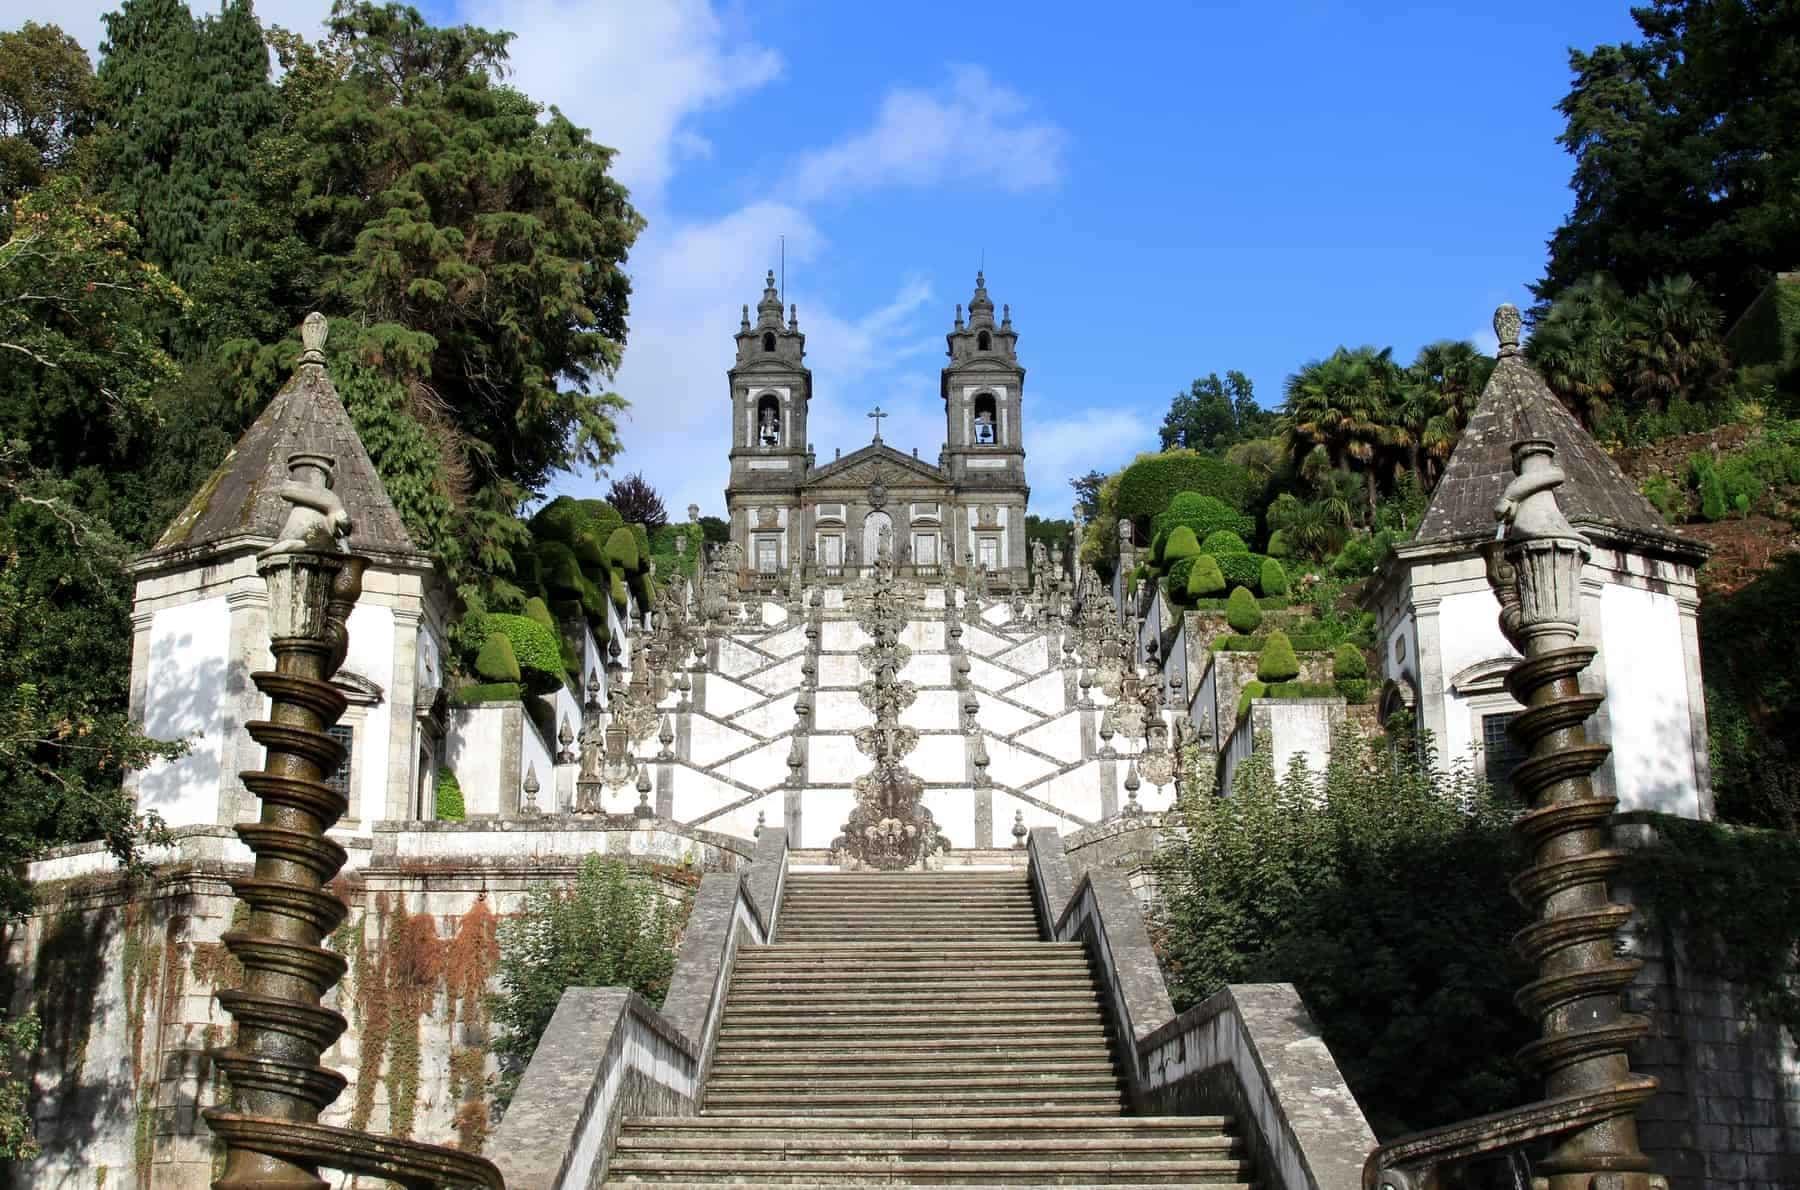 Portugal, Santuario Bom Jesus do Monte